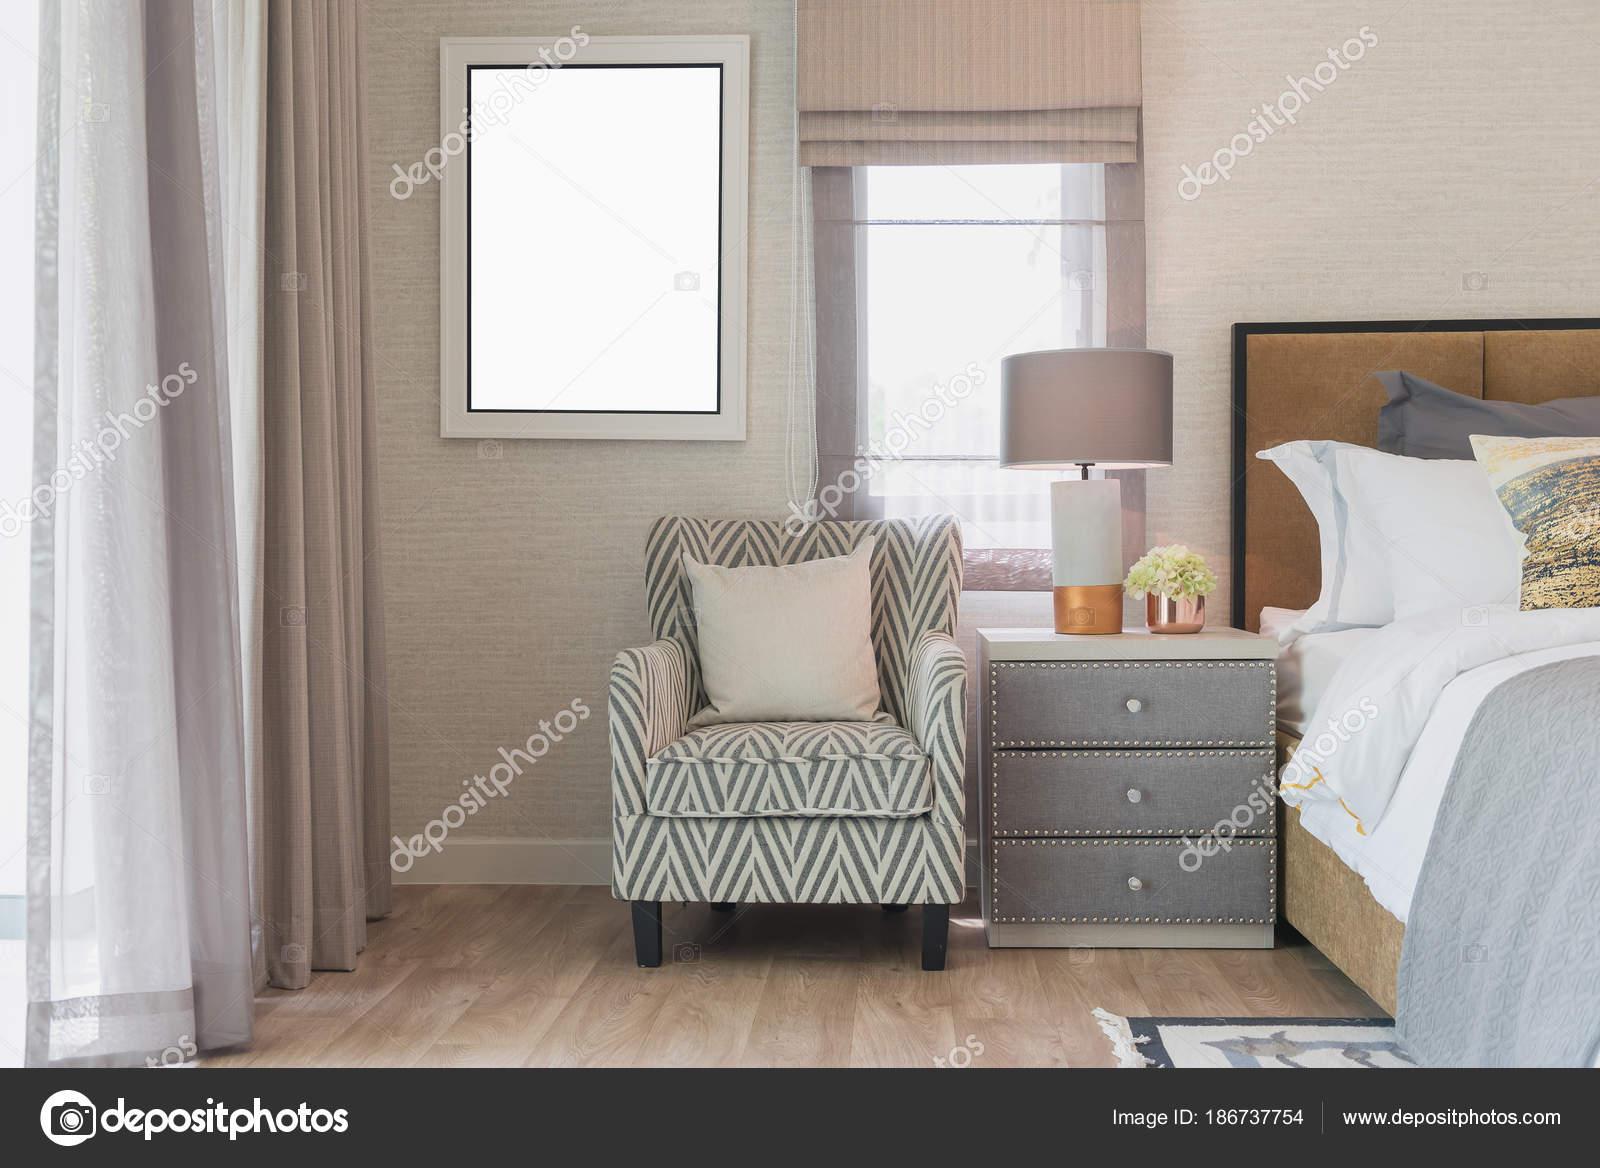 Camera Da Letto Con Divano : Stile classico camera da letto con comodo divano u foto stock